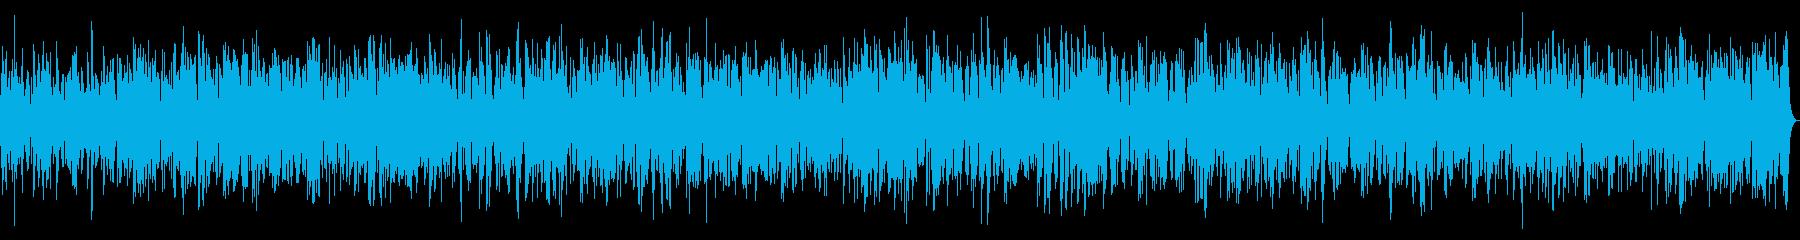 透明感のあるヒーリングビブラフォンBGMの再生済みの波形